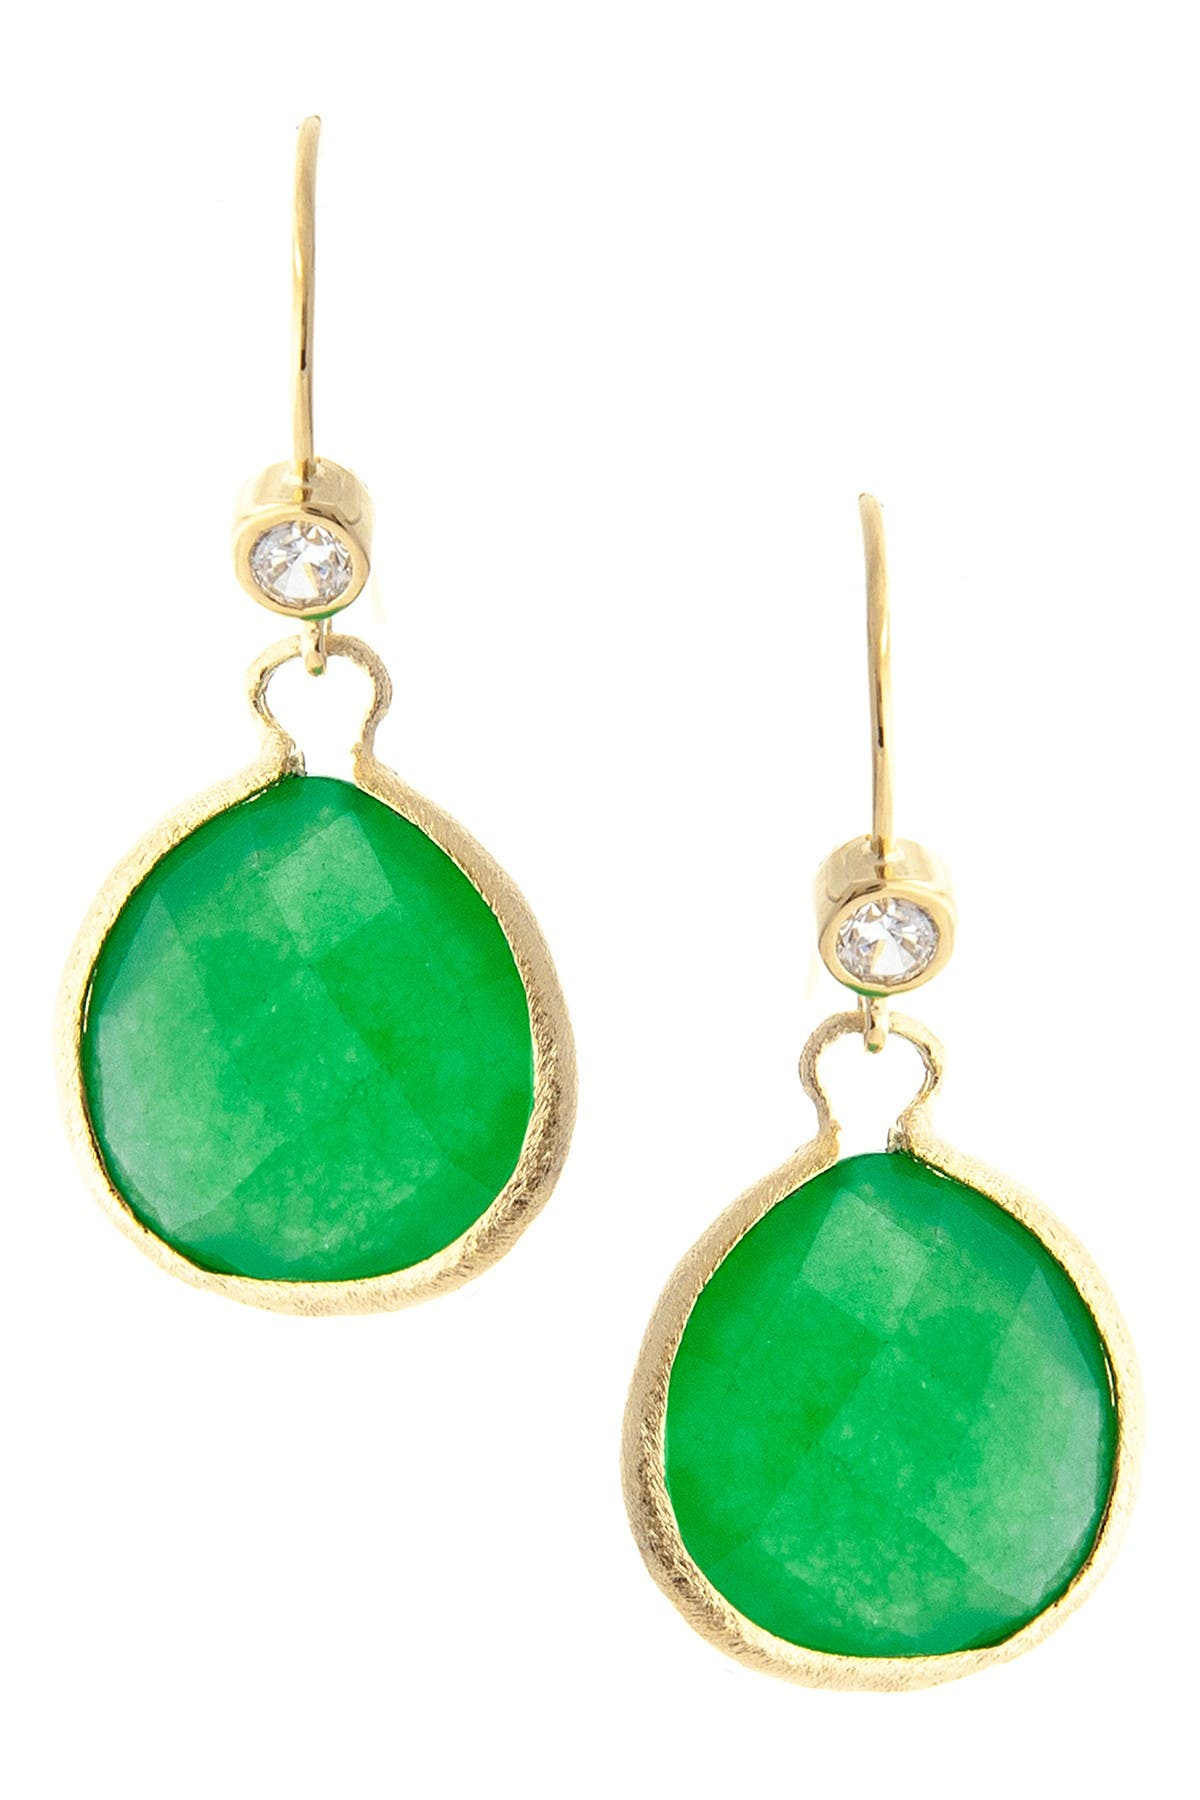 Image of Rivka Friedman 18K Gold Clad Brass Faceted Teardrop Quartzite Dangle CZ Earrings